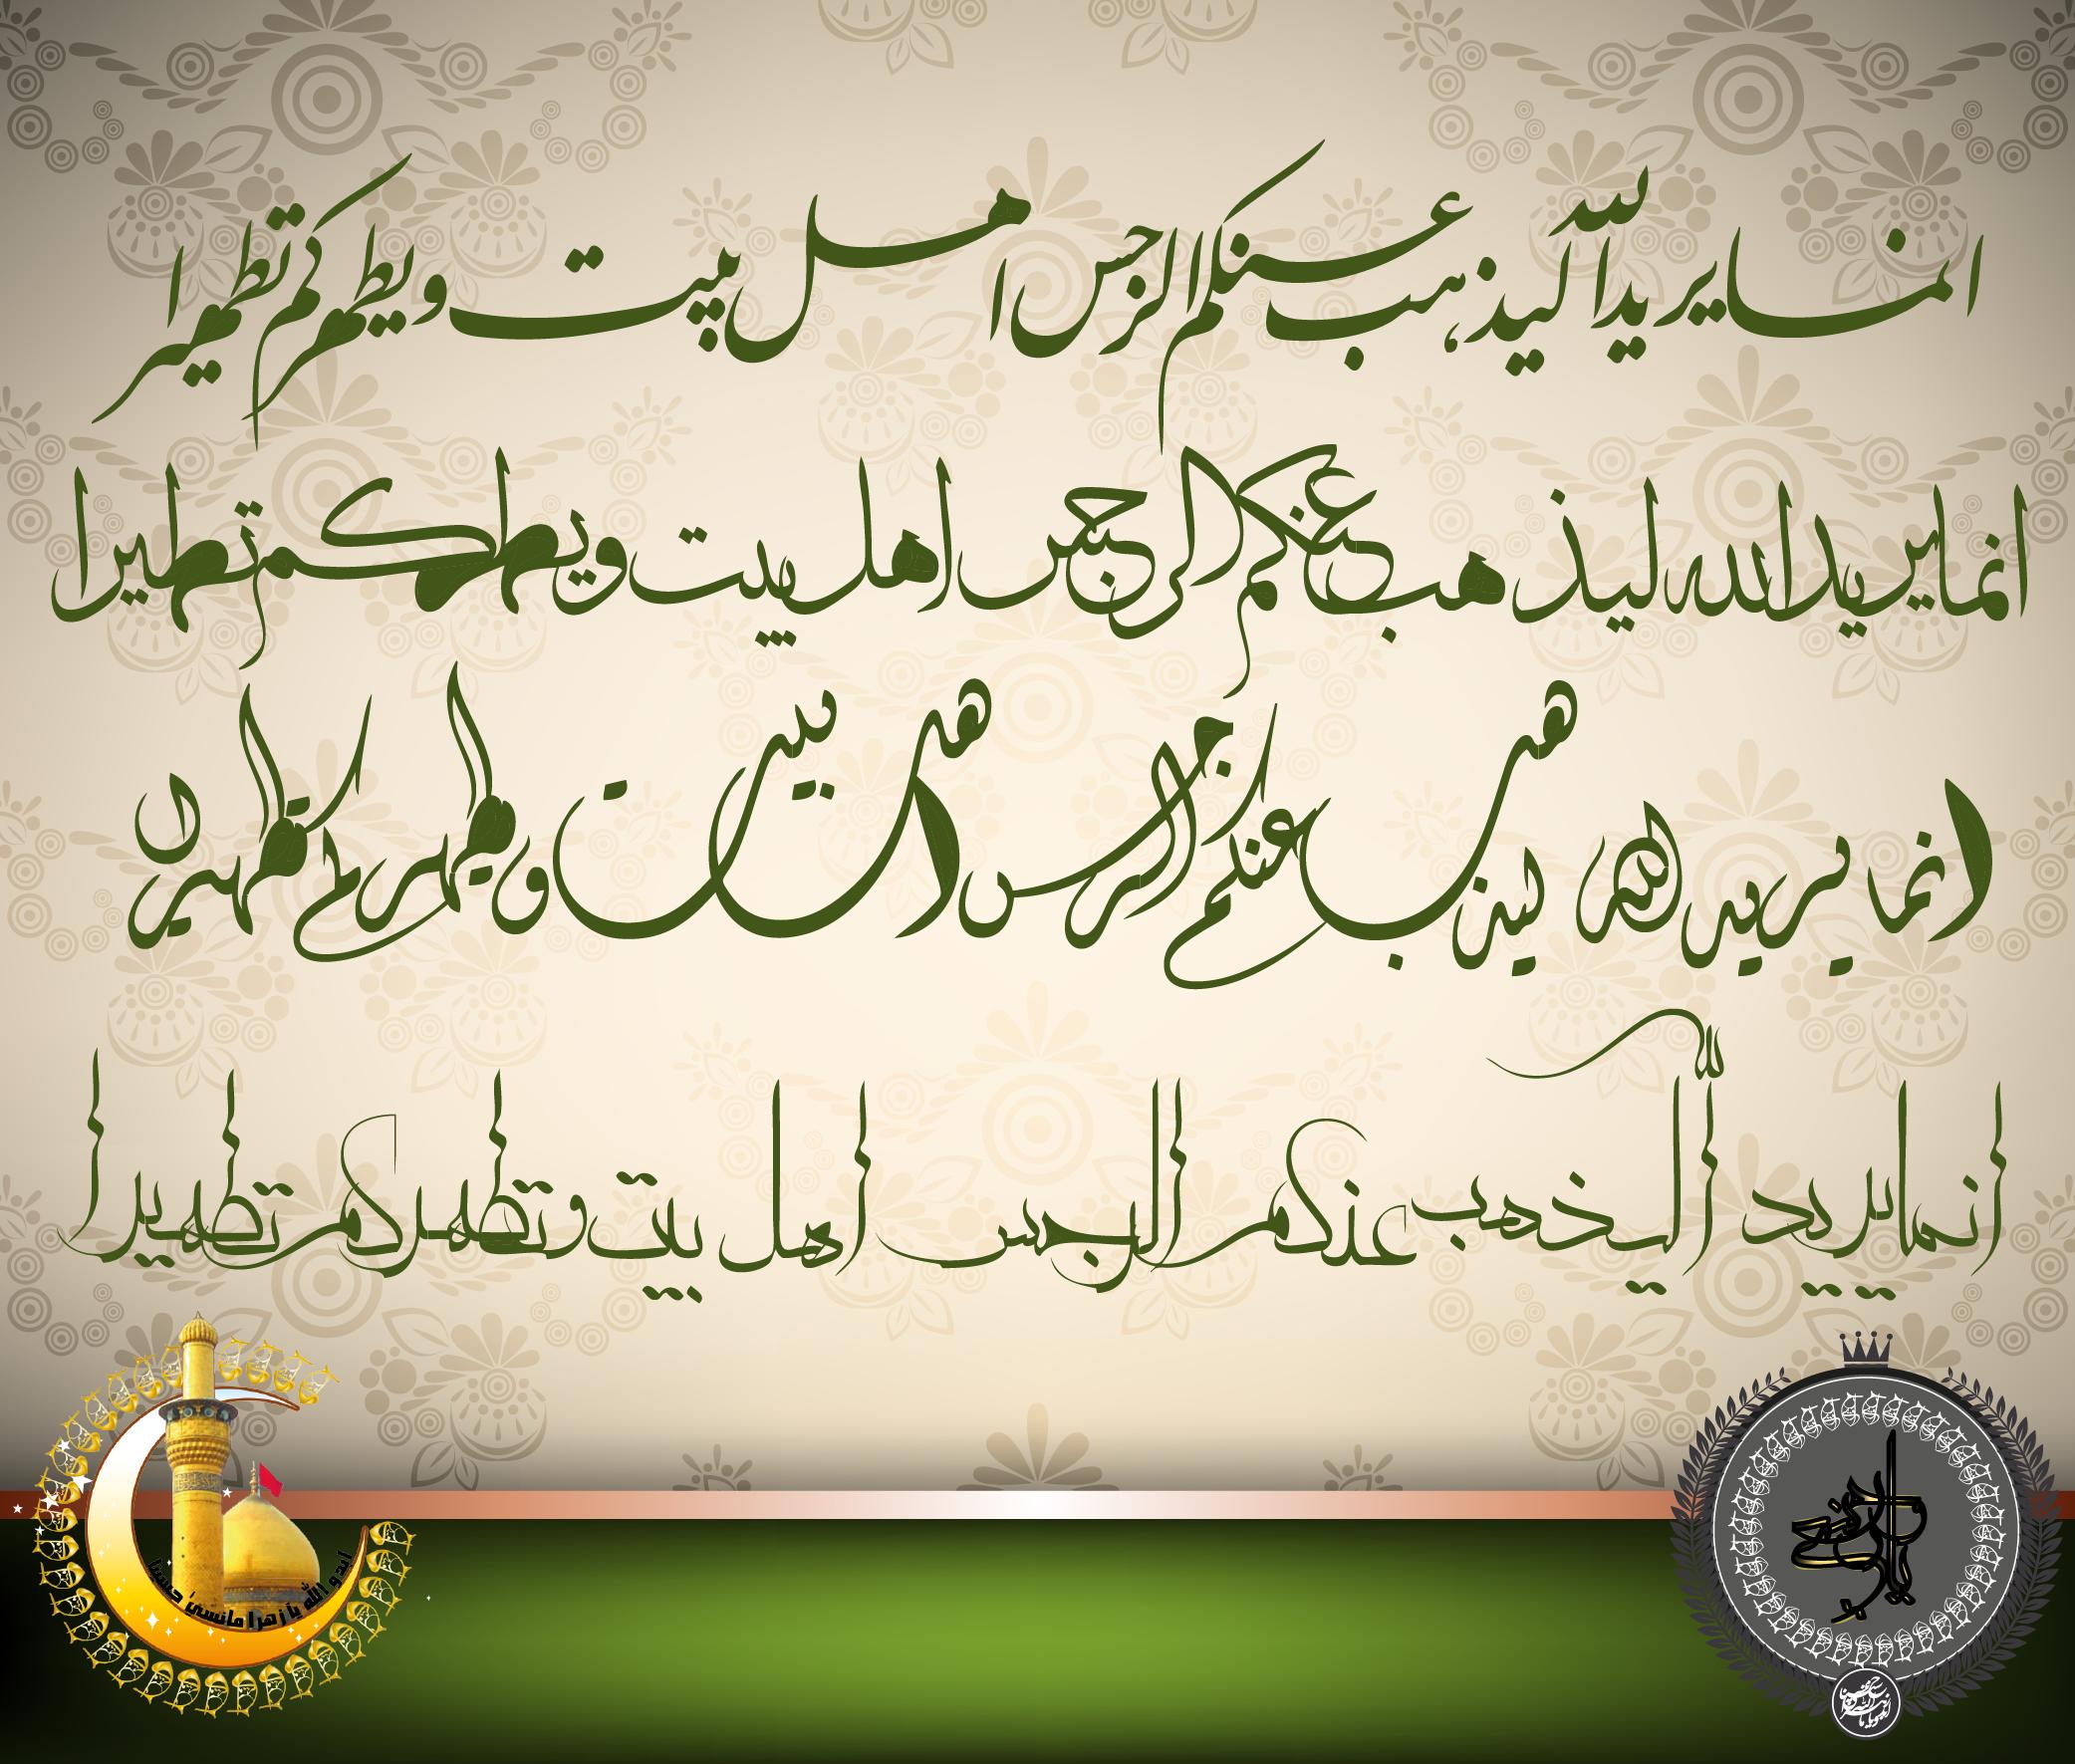 Ayat e tatheer by yawarhussain on deviantart Calligraphy ayat